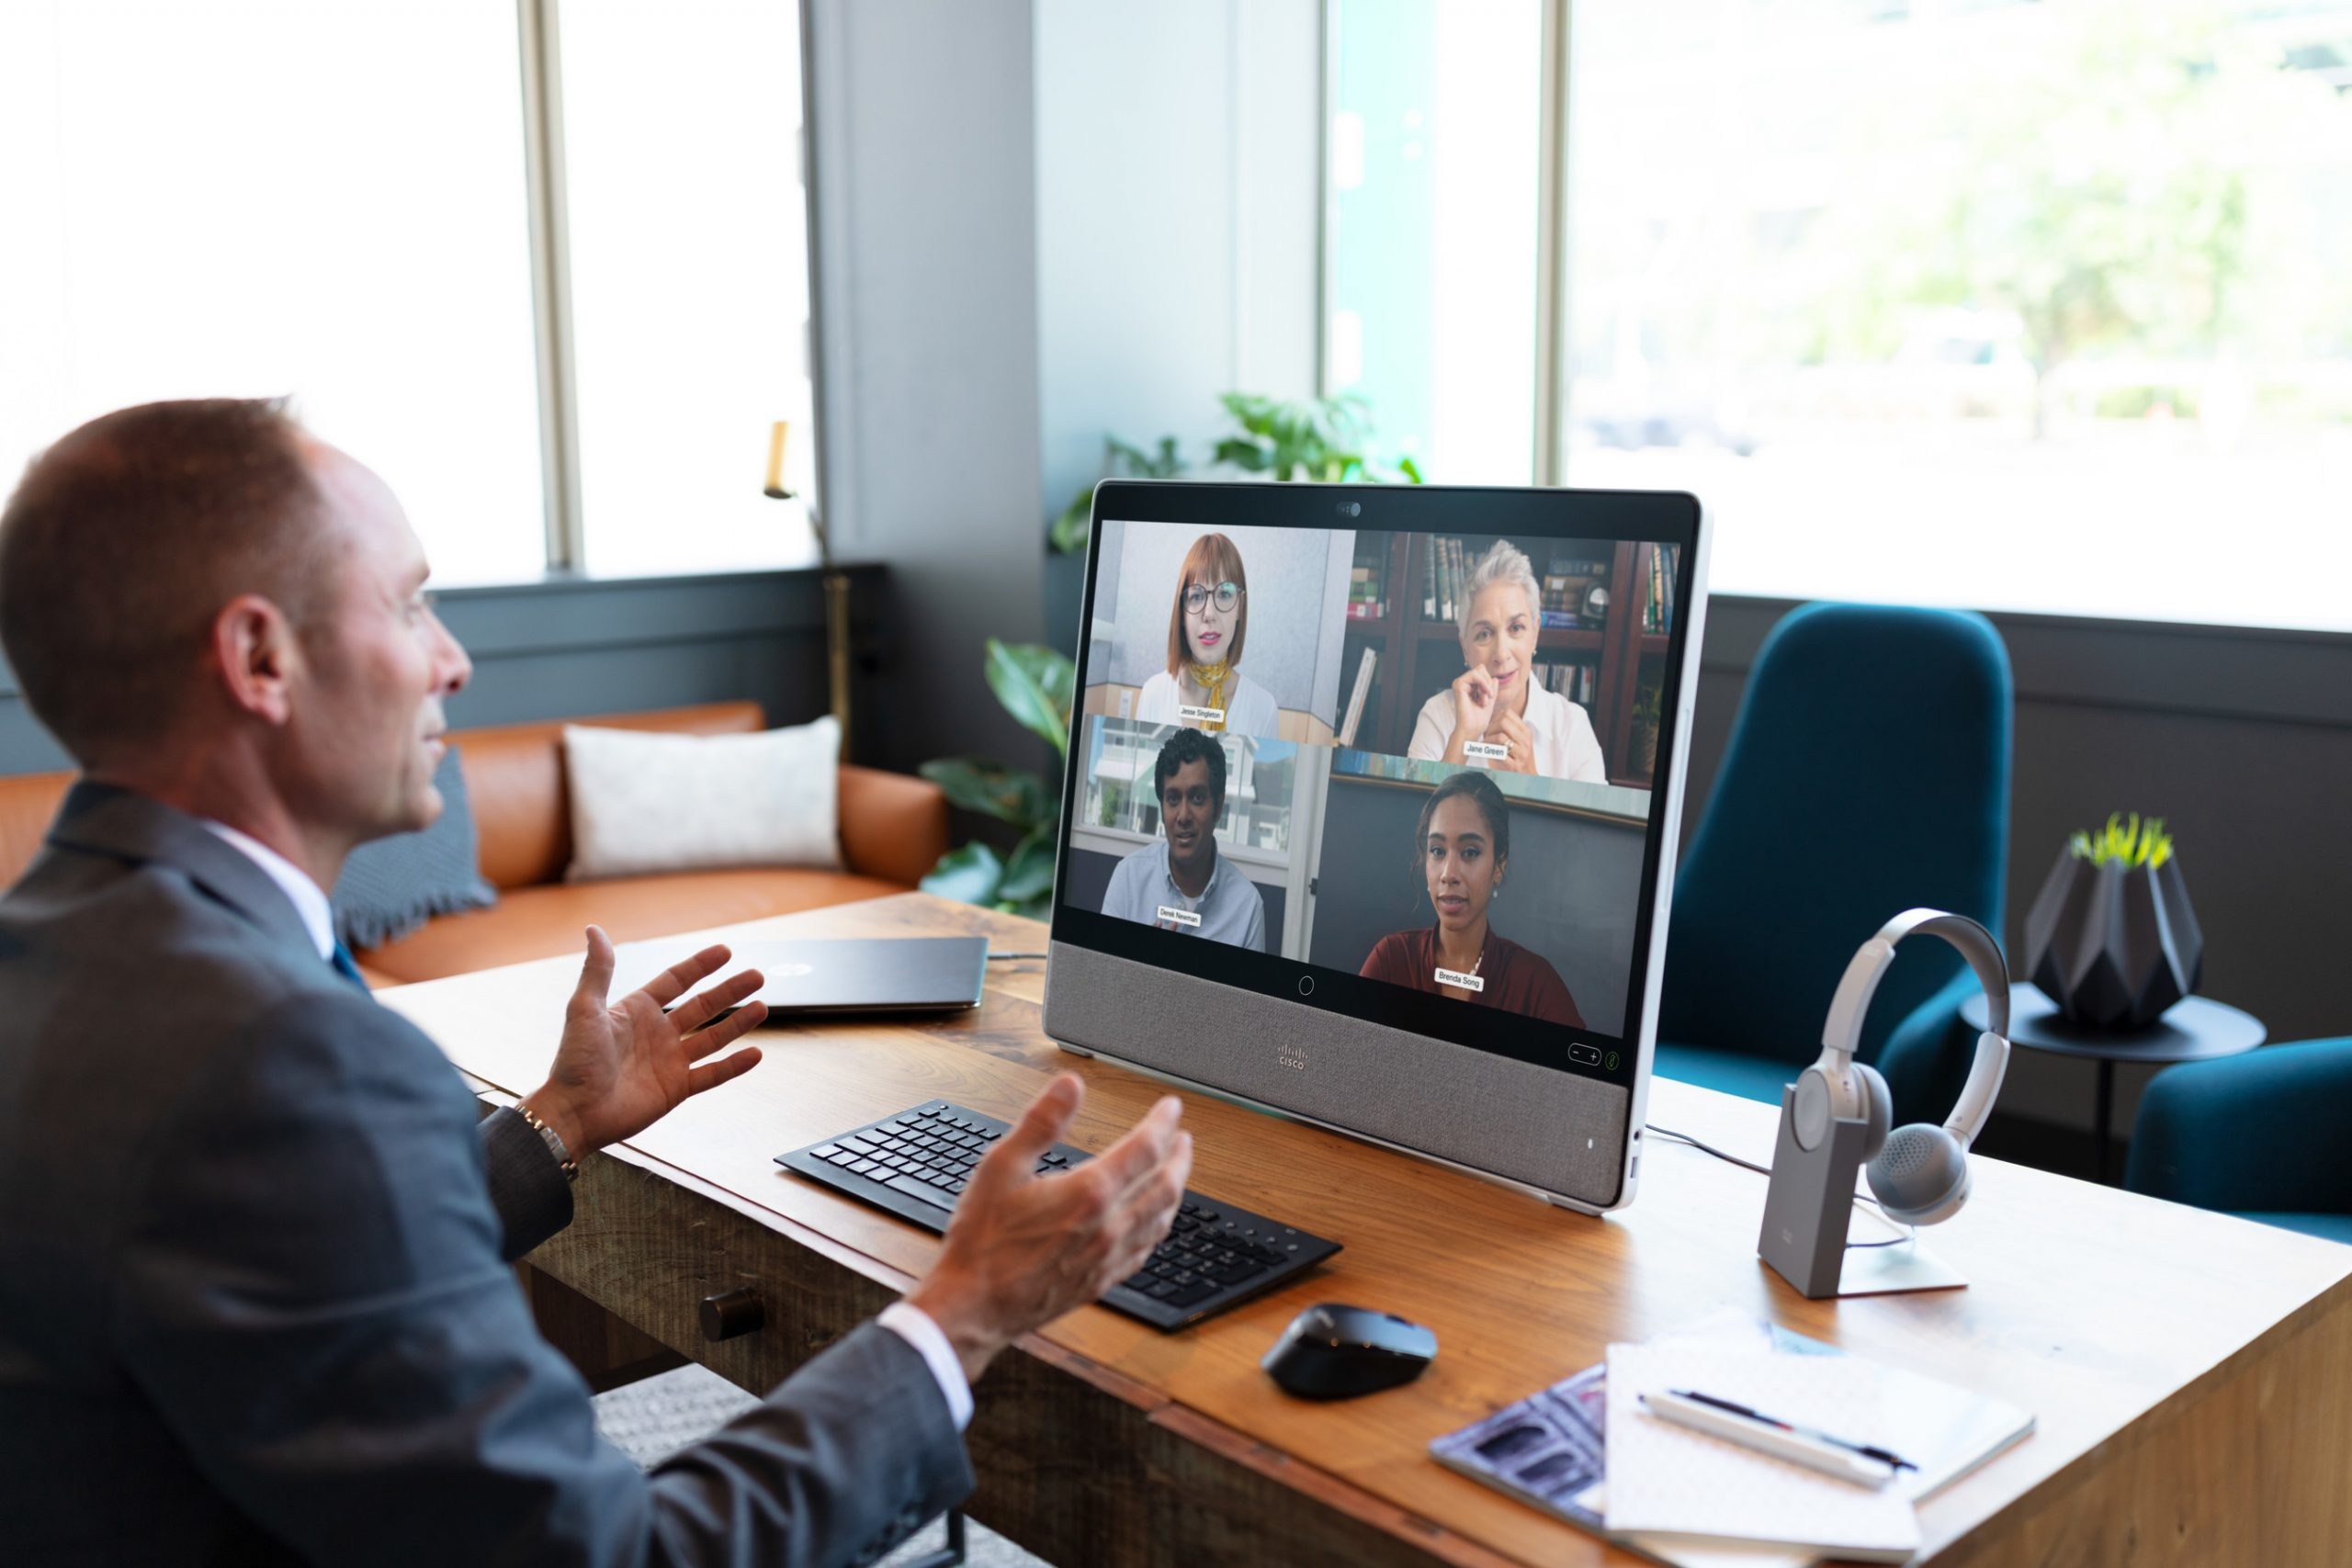 برامج المحادثات الجماعية والاجتماعات